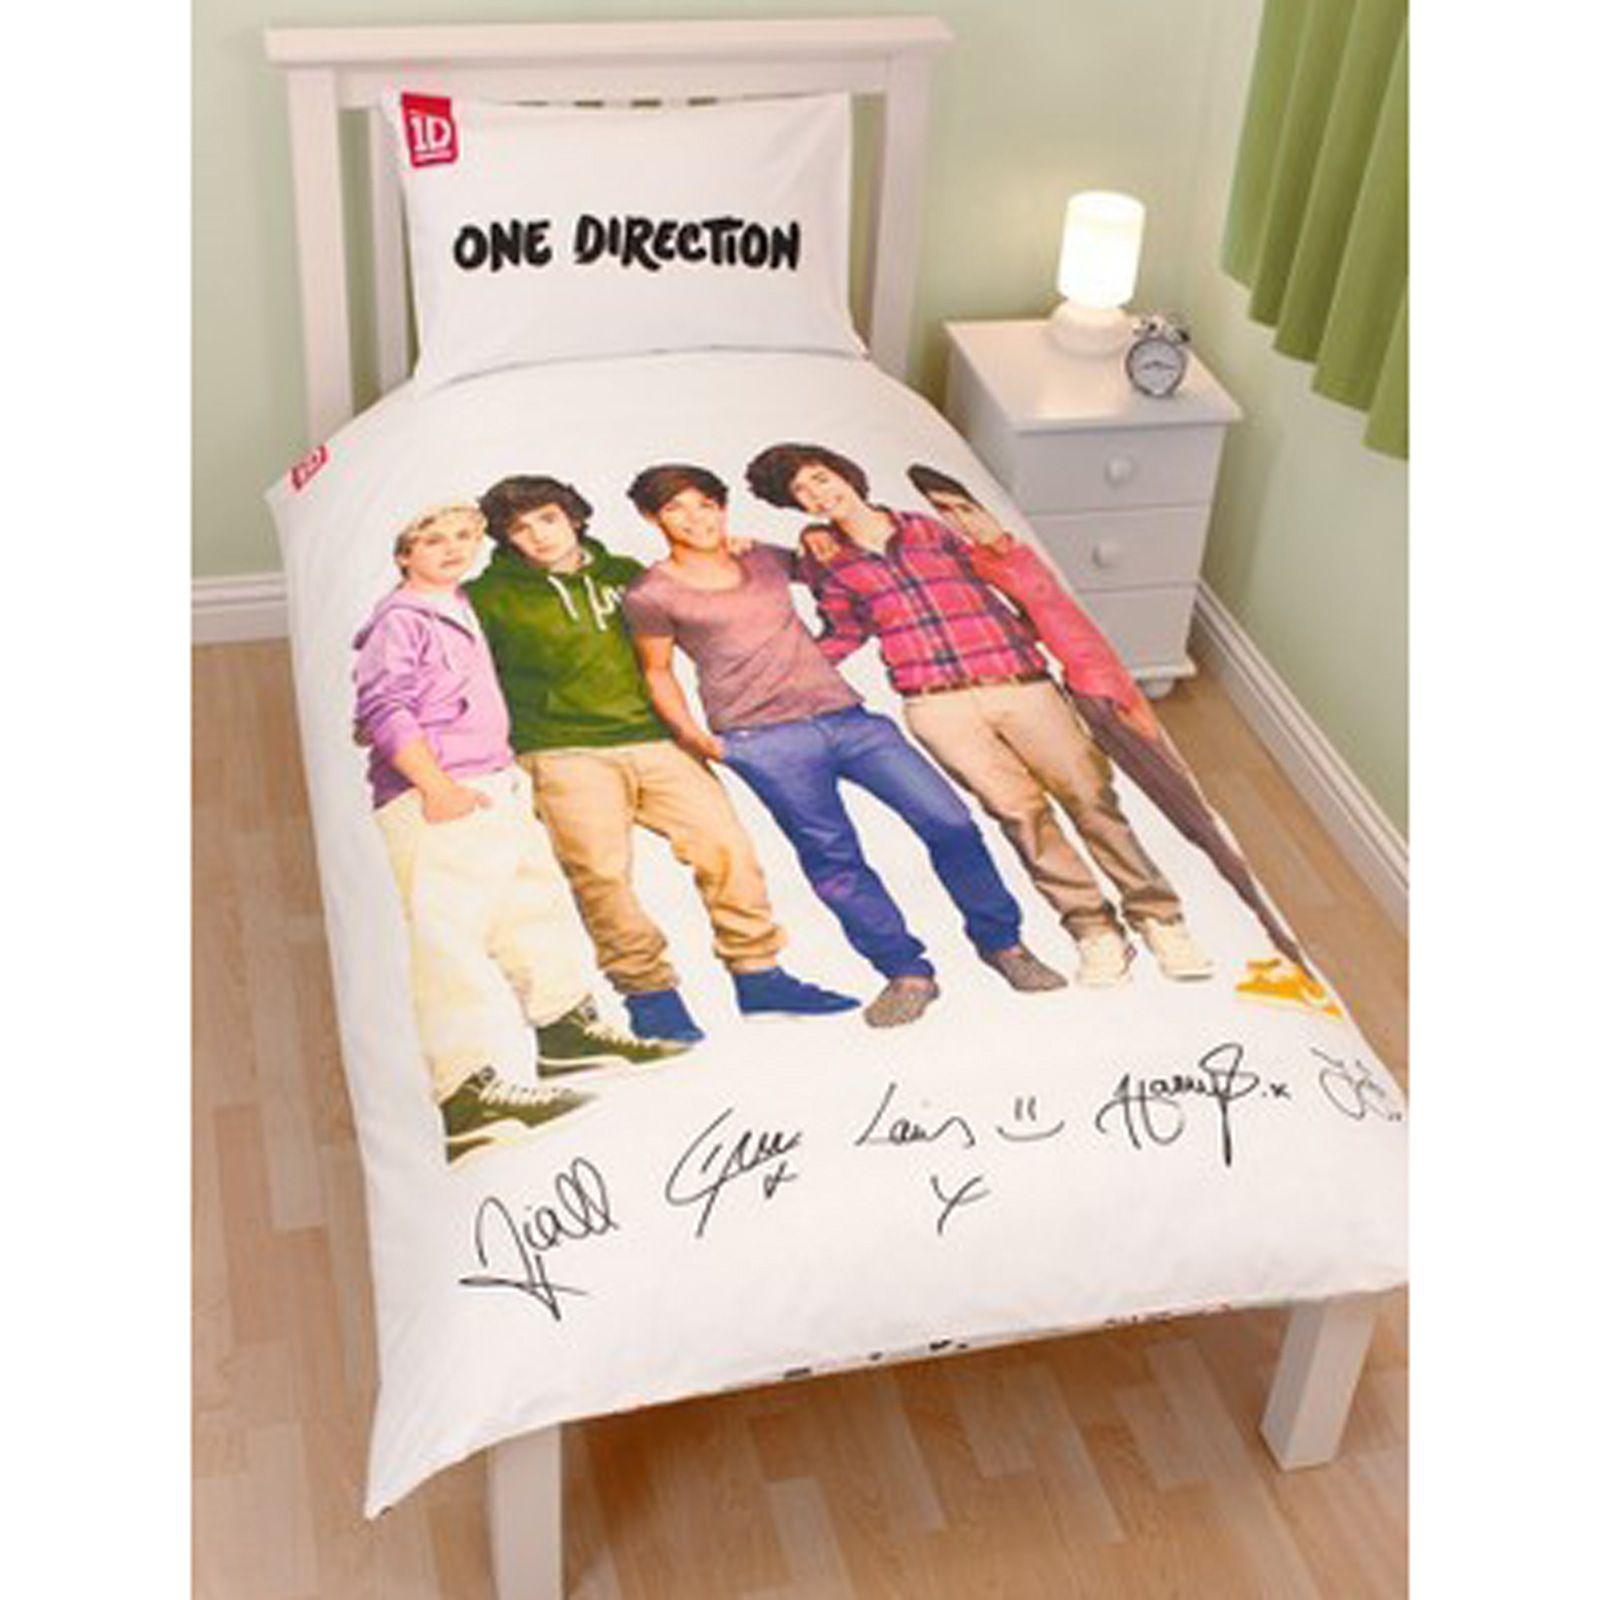 Copripiumino Singolo One Direction.Dettagli Su One Direction Copripiumino Set Singolo Doppia Taglie Merce Ufficiale 1d Mostra Il Titolo Originale